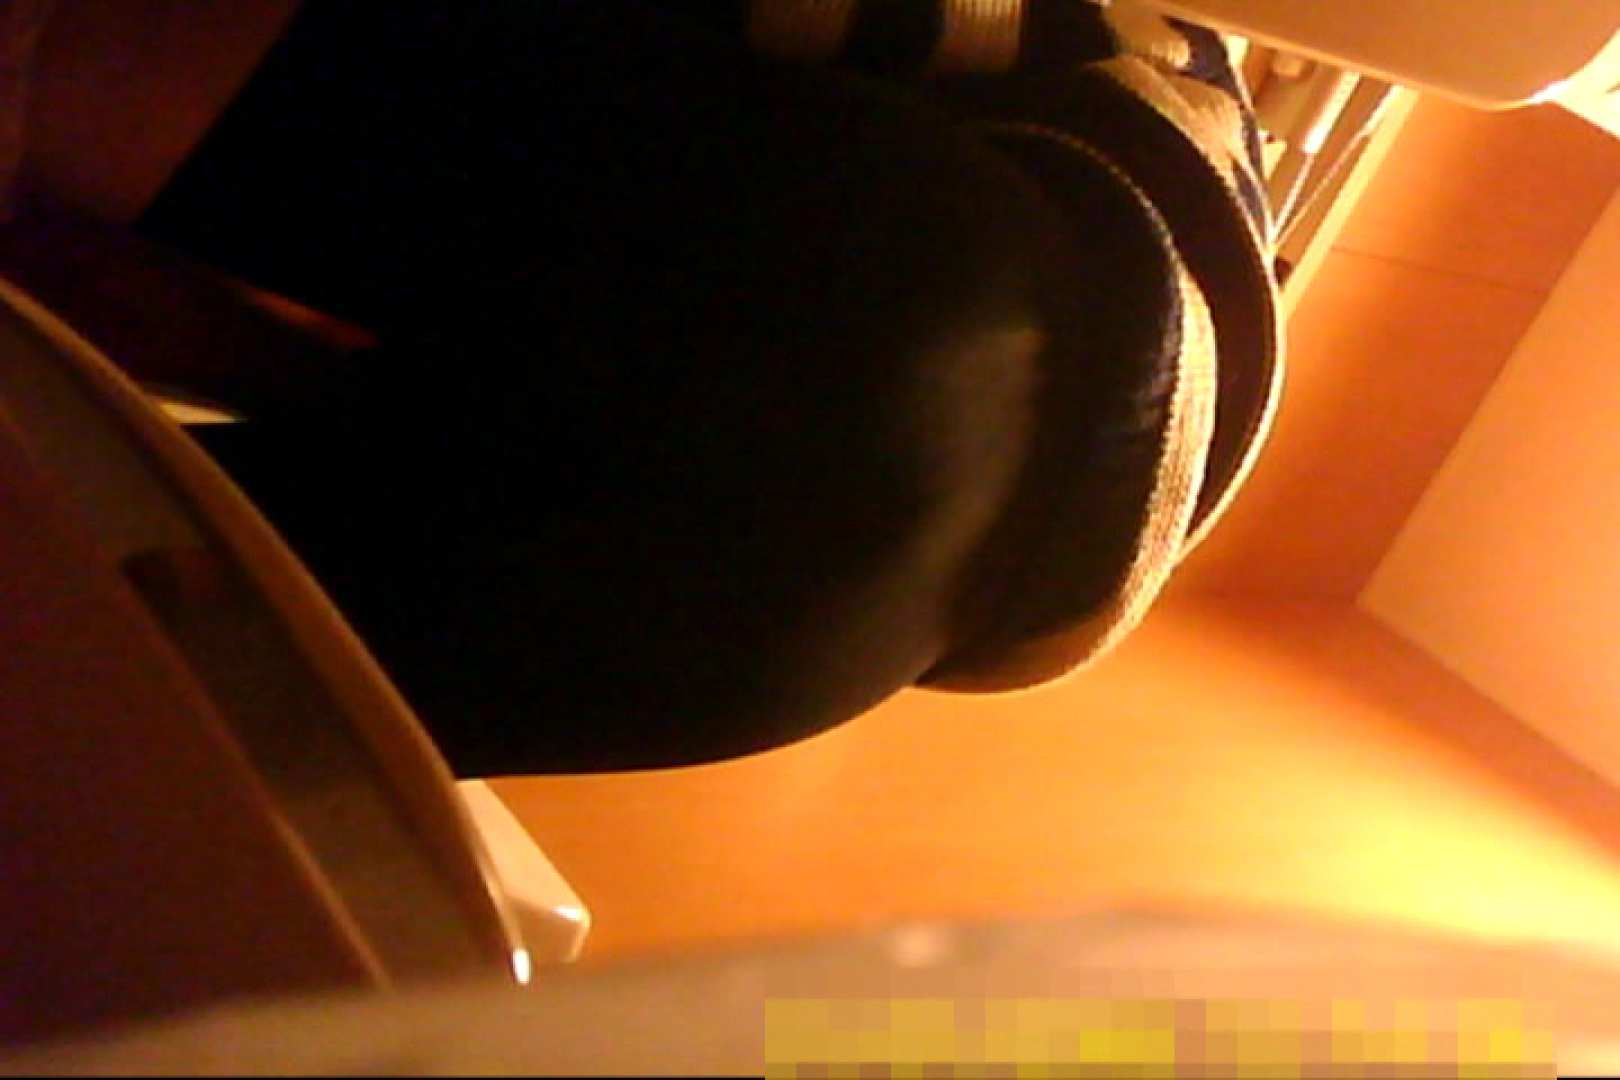 魅惑の化粧室~禁断のプライベート空間~vol.6 チラ見せ  103PIX 64